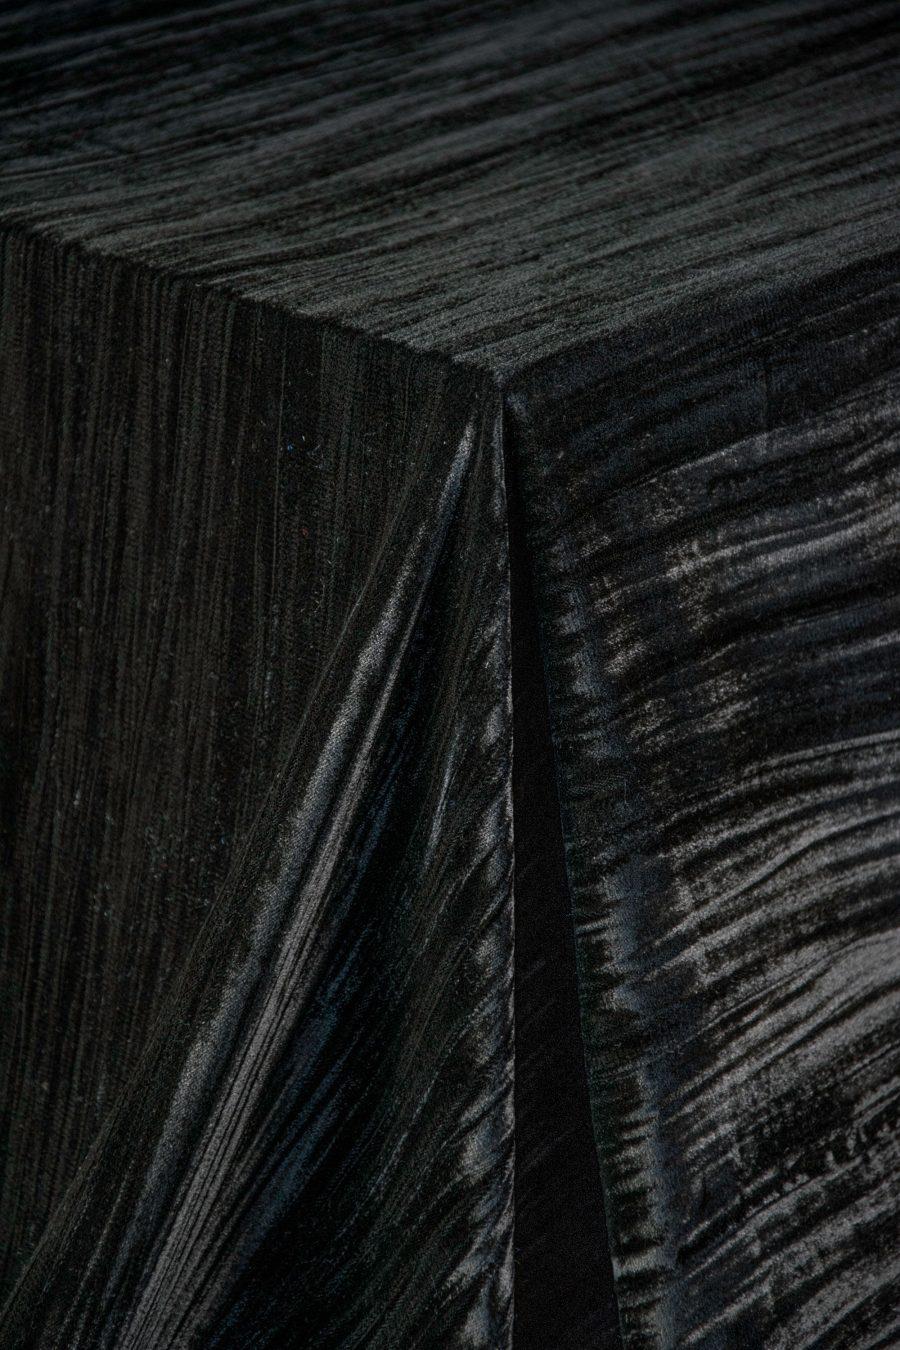 Velvet-Crinkle-Noir-900x1350.jpg